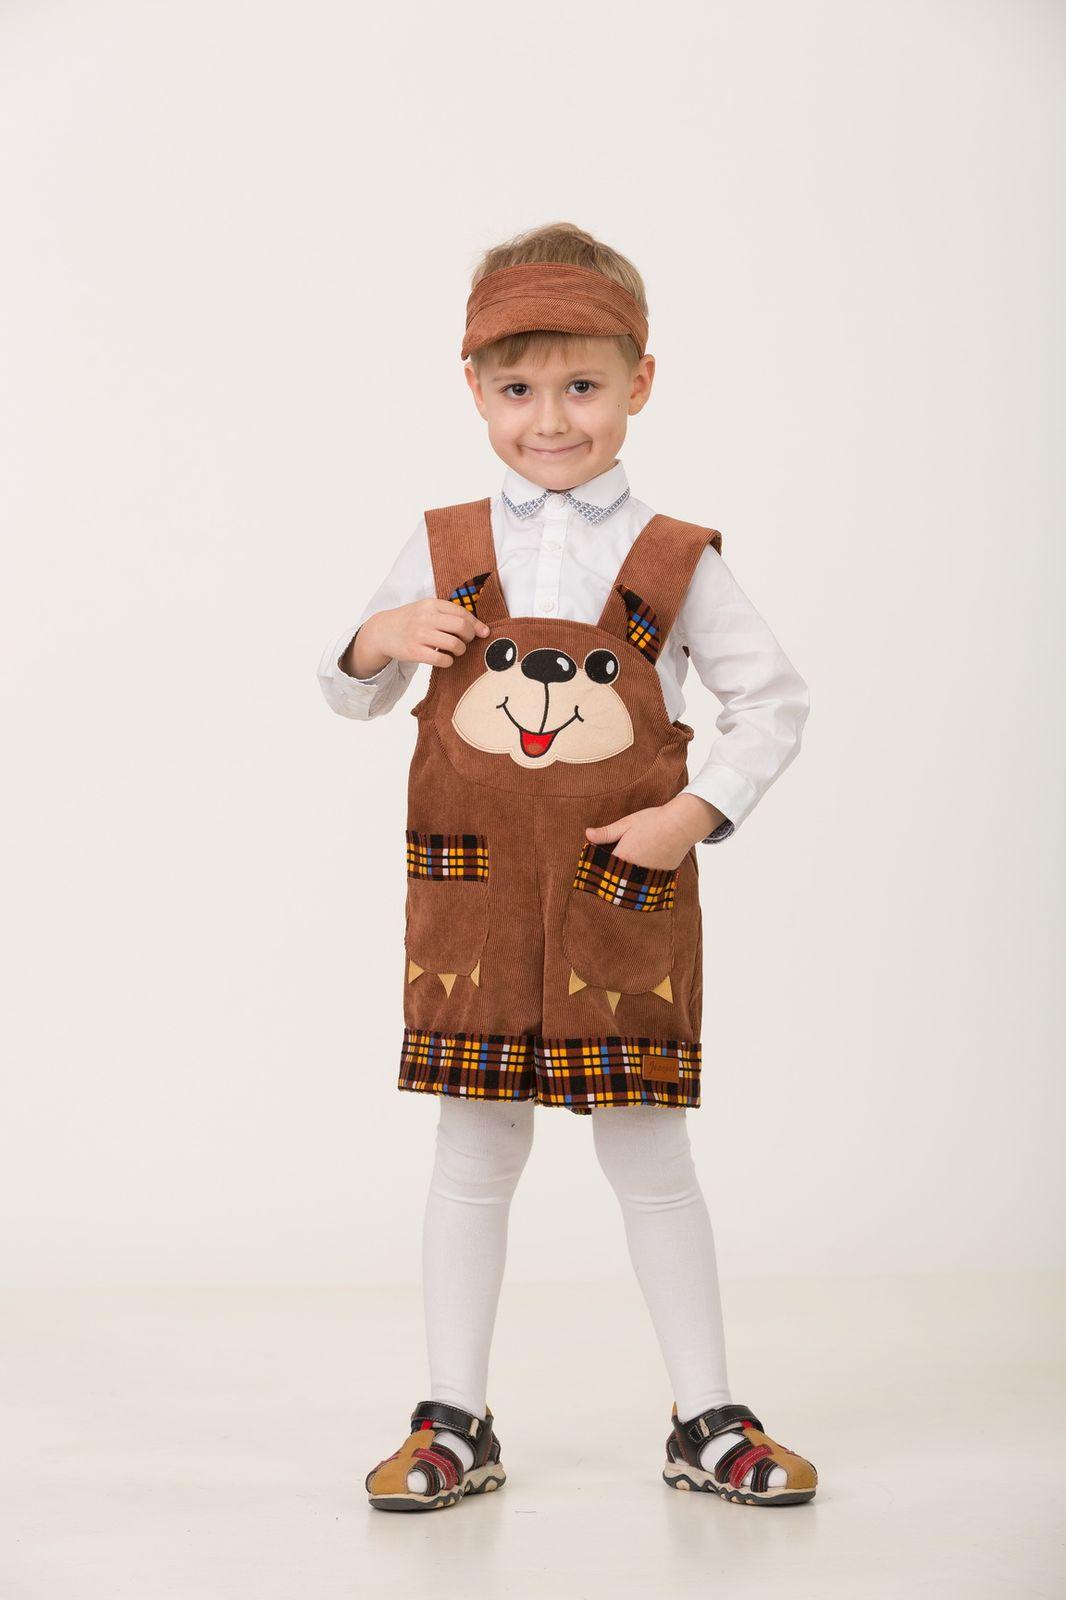 Карнавальный костюм Jeanees Медвежонок Топтыжкин, цвет: коричневый. Размер: 24 карнавальный костюм jeanees медвежонок топтыжкин цвет коричневый размер 28